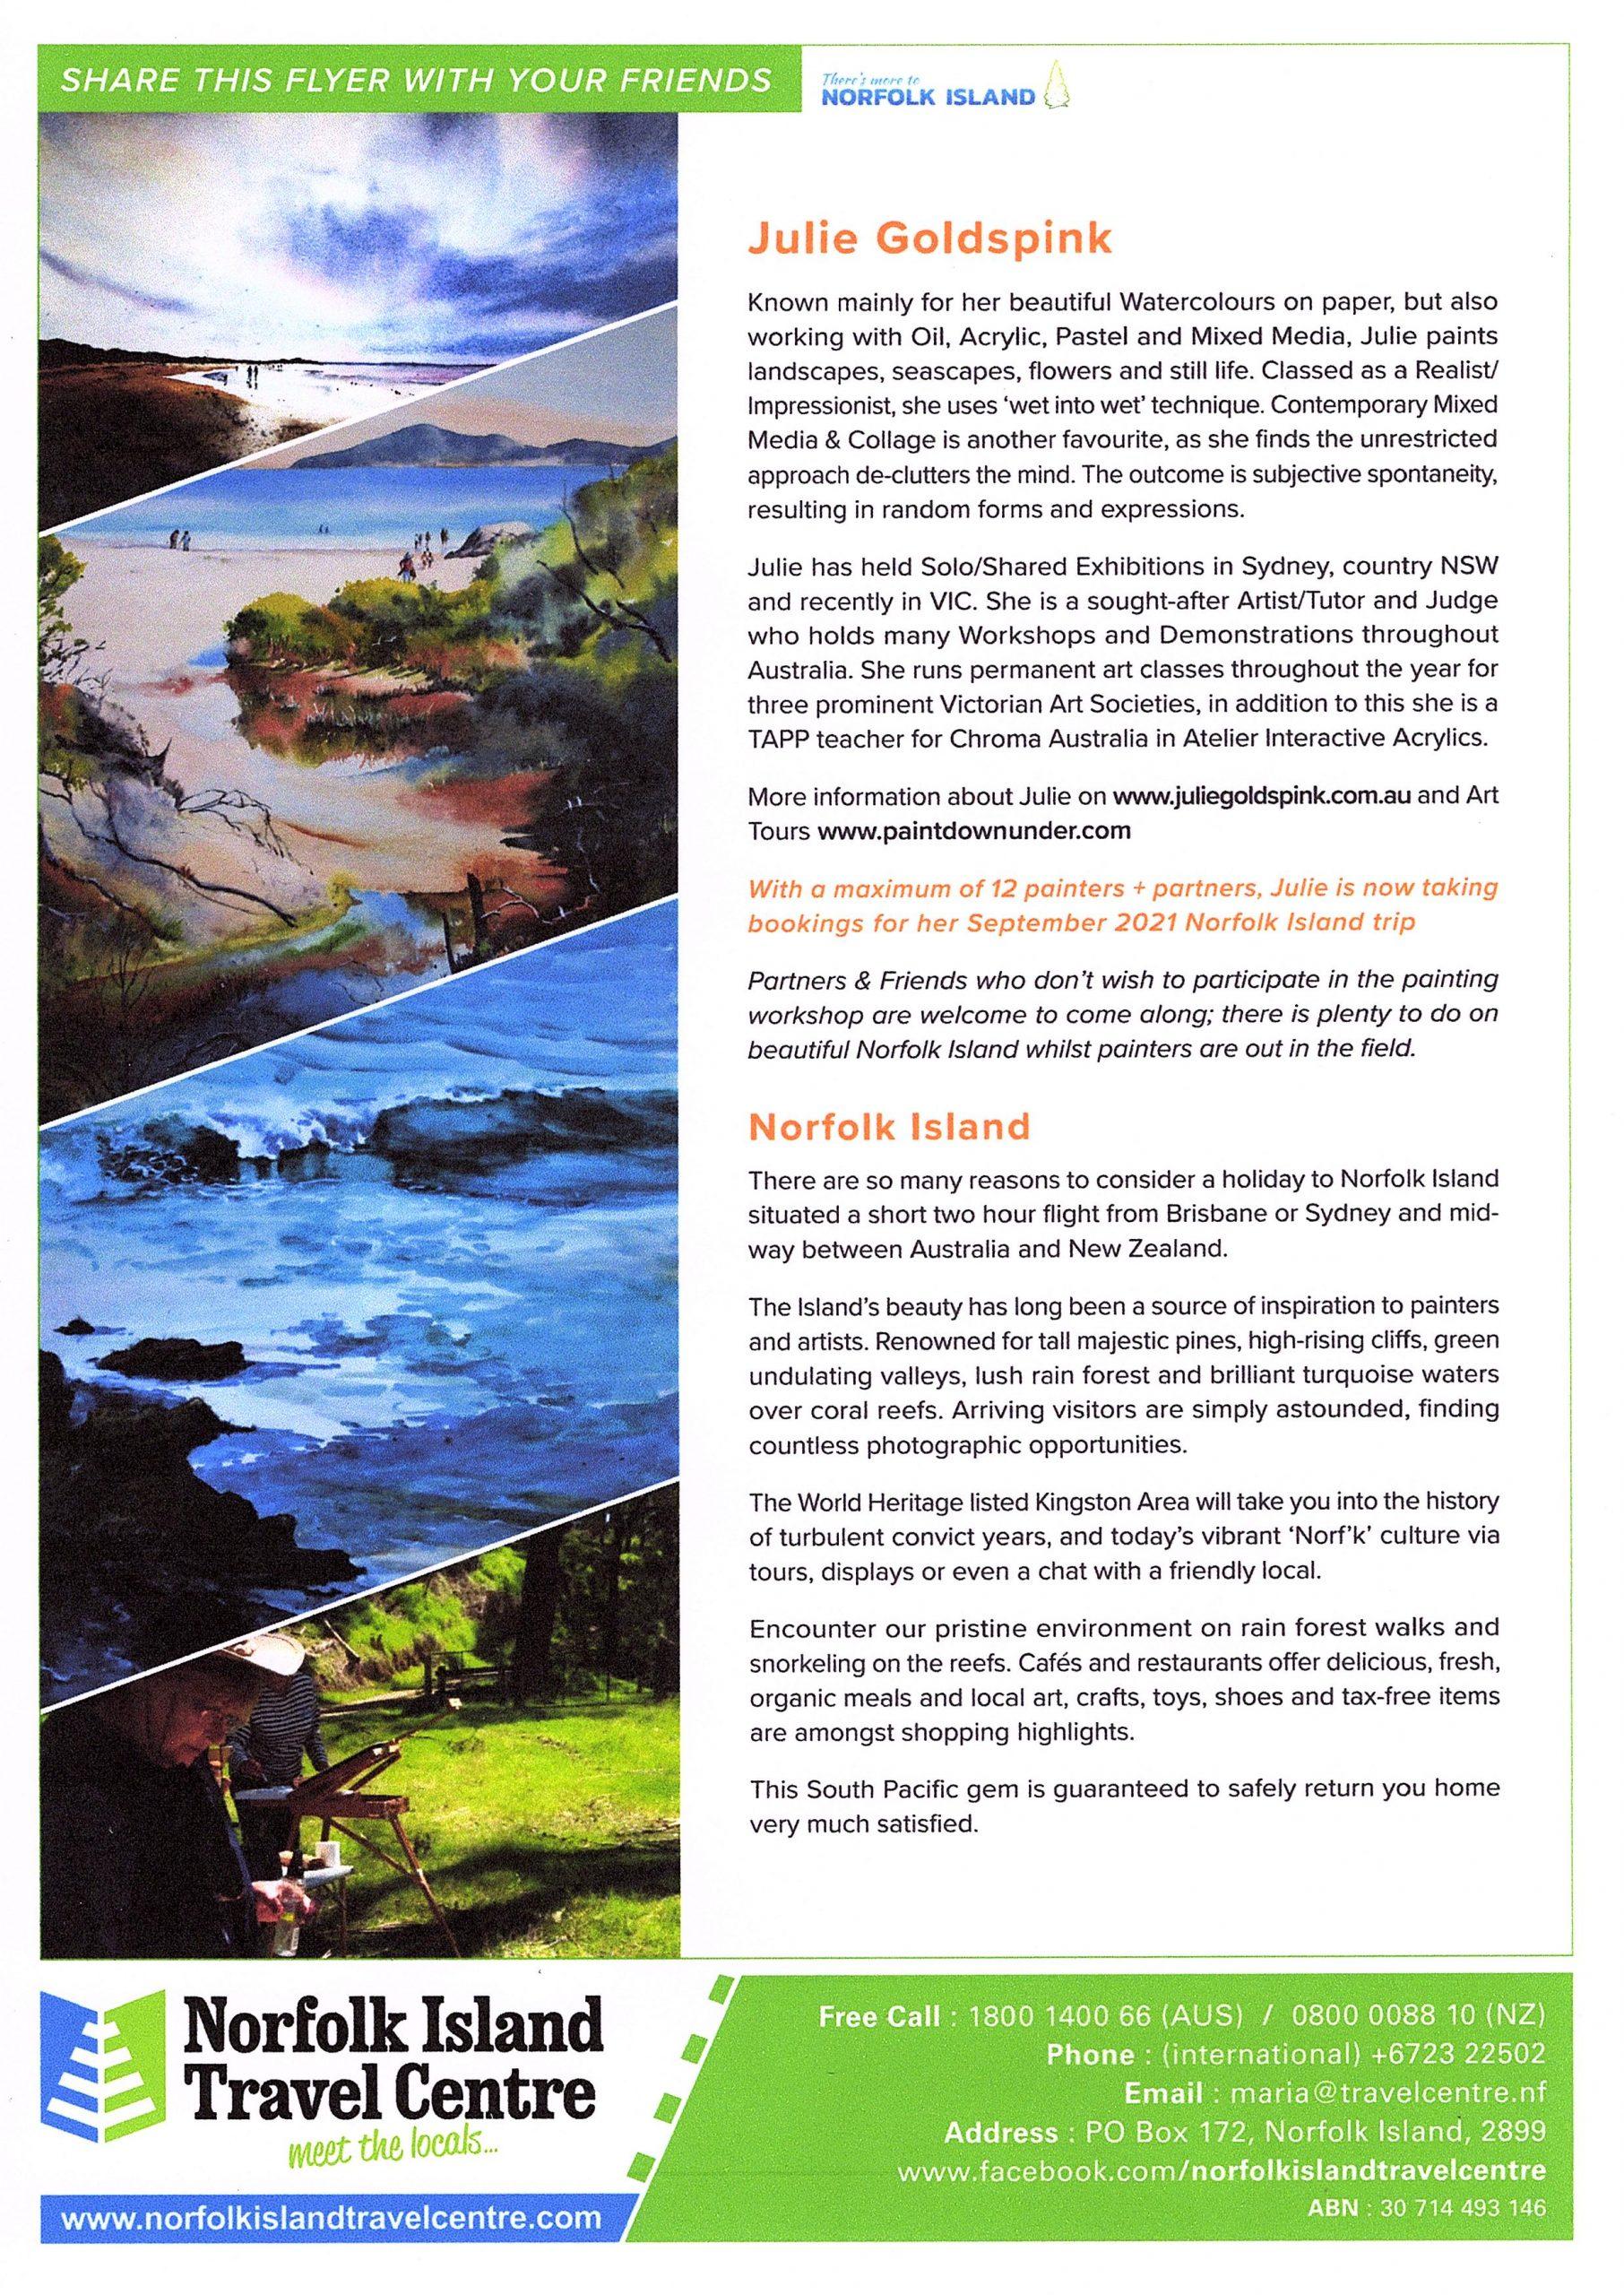 Norfolk Island Trip 2021 P2